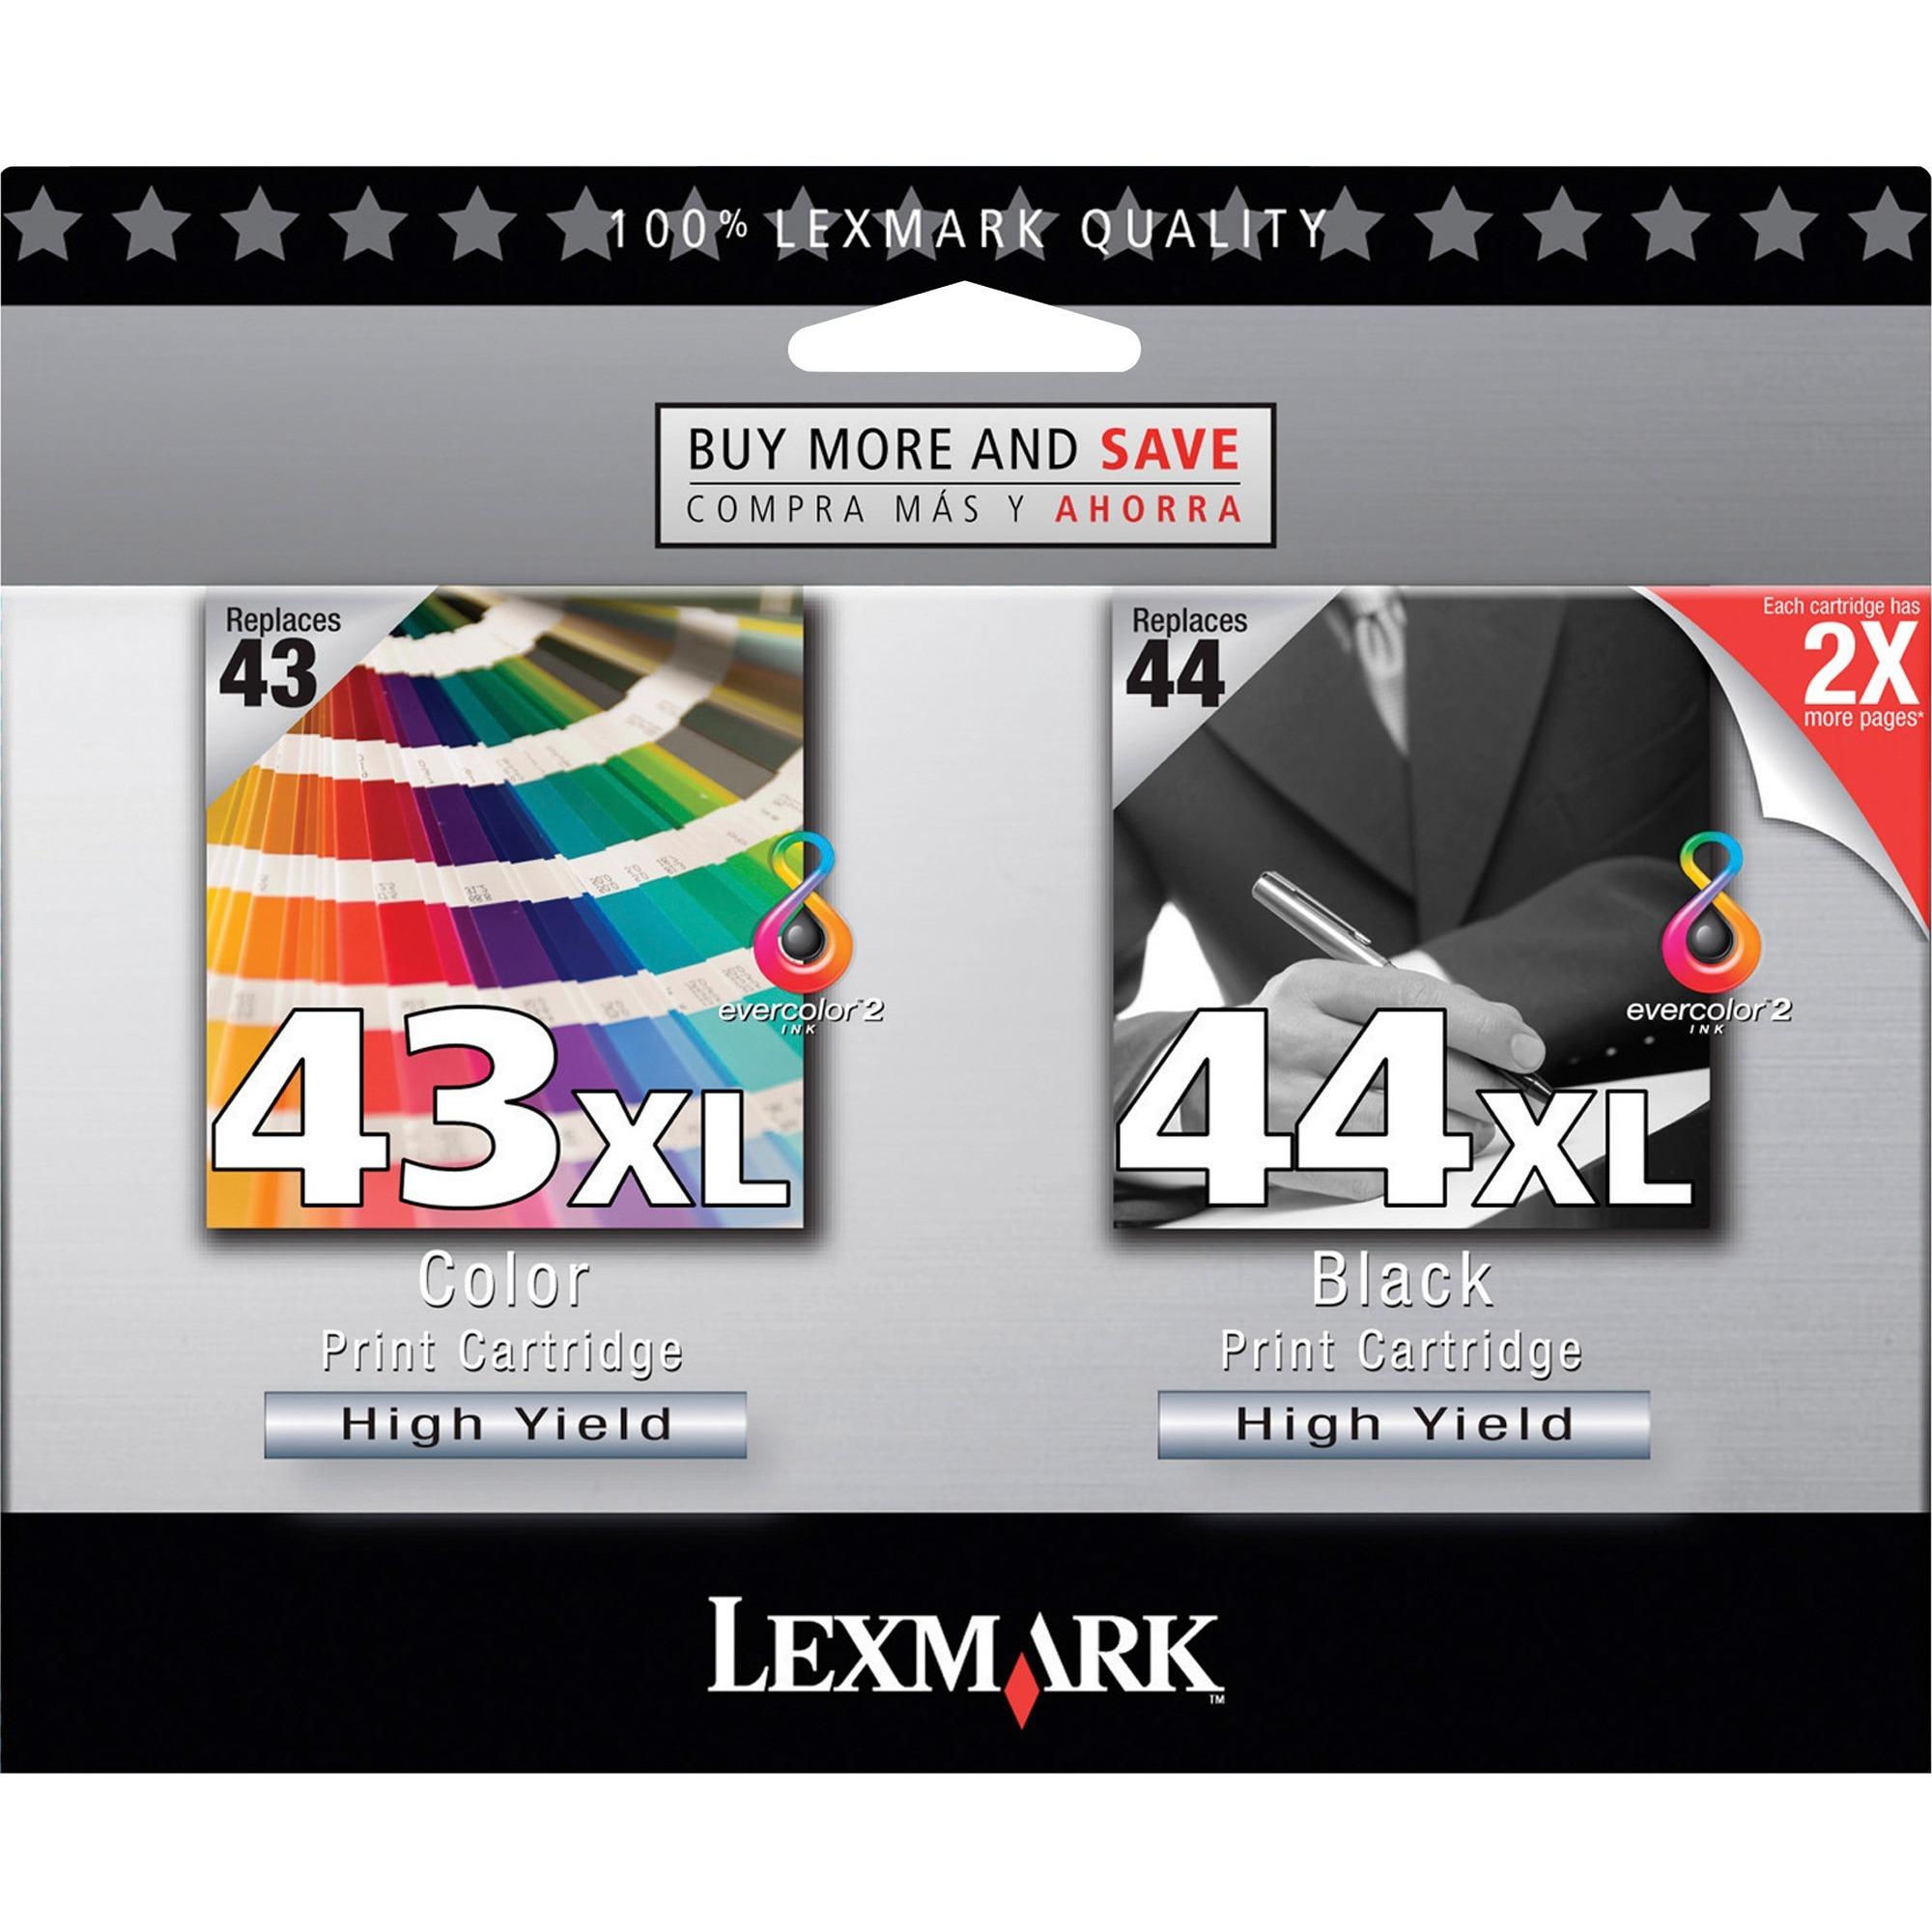 Lexmark, LEX18Y0372, 18Y0372 Twin-Pack Print Cartridges, 2 / Pack